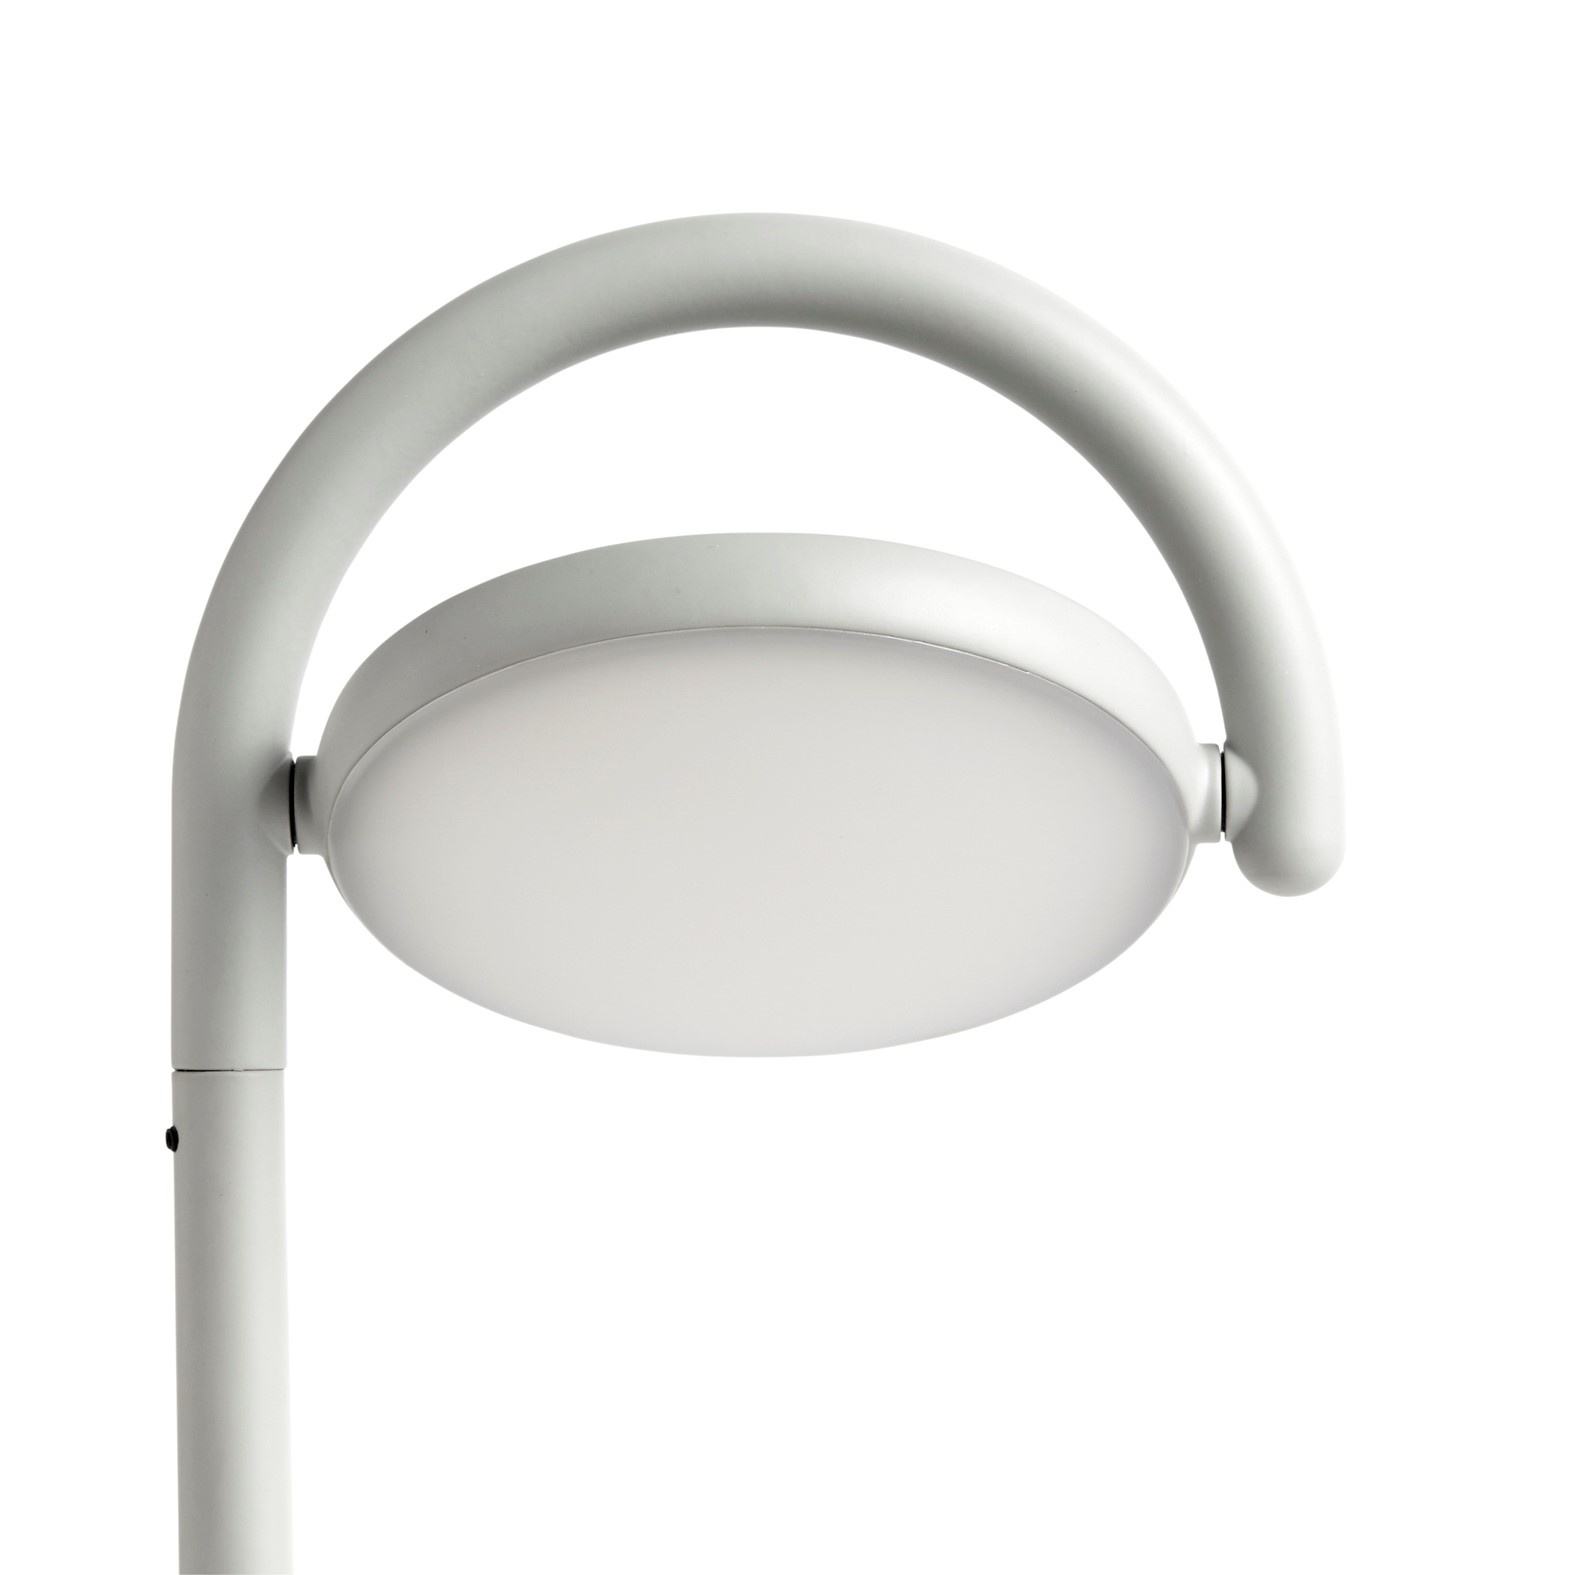 HAY Marselis vloerlamp - HAY